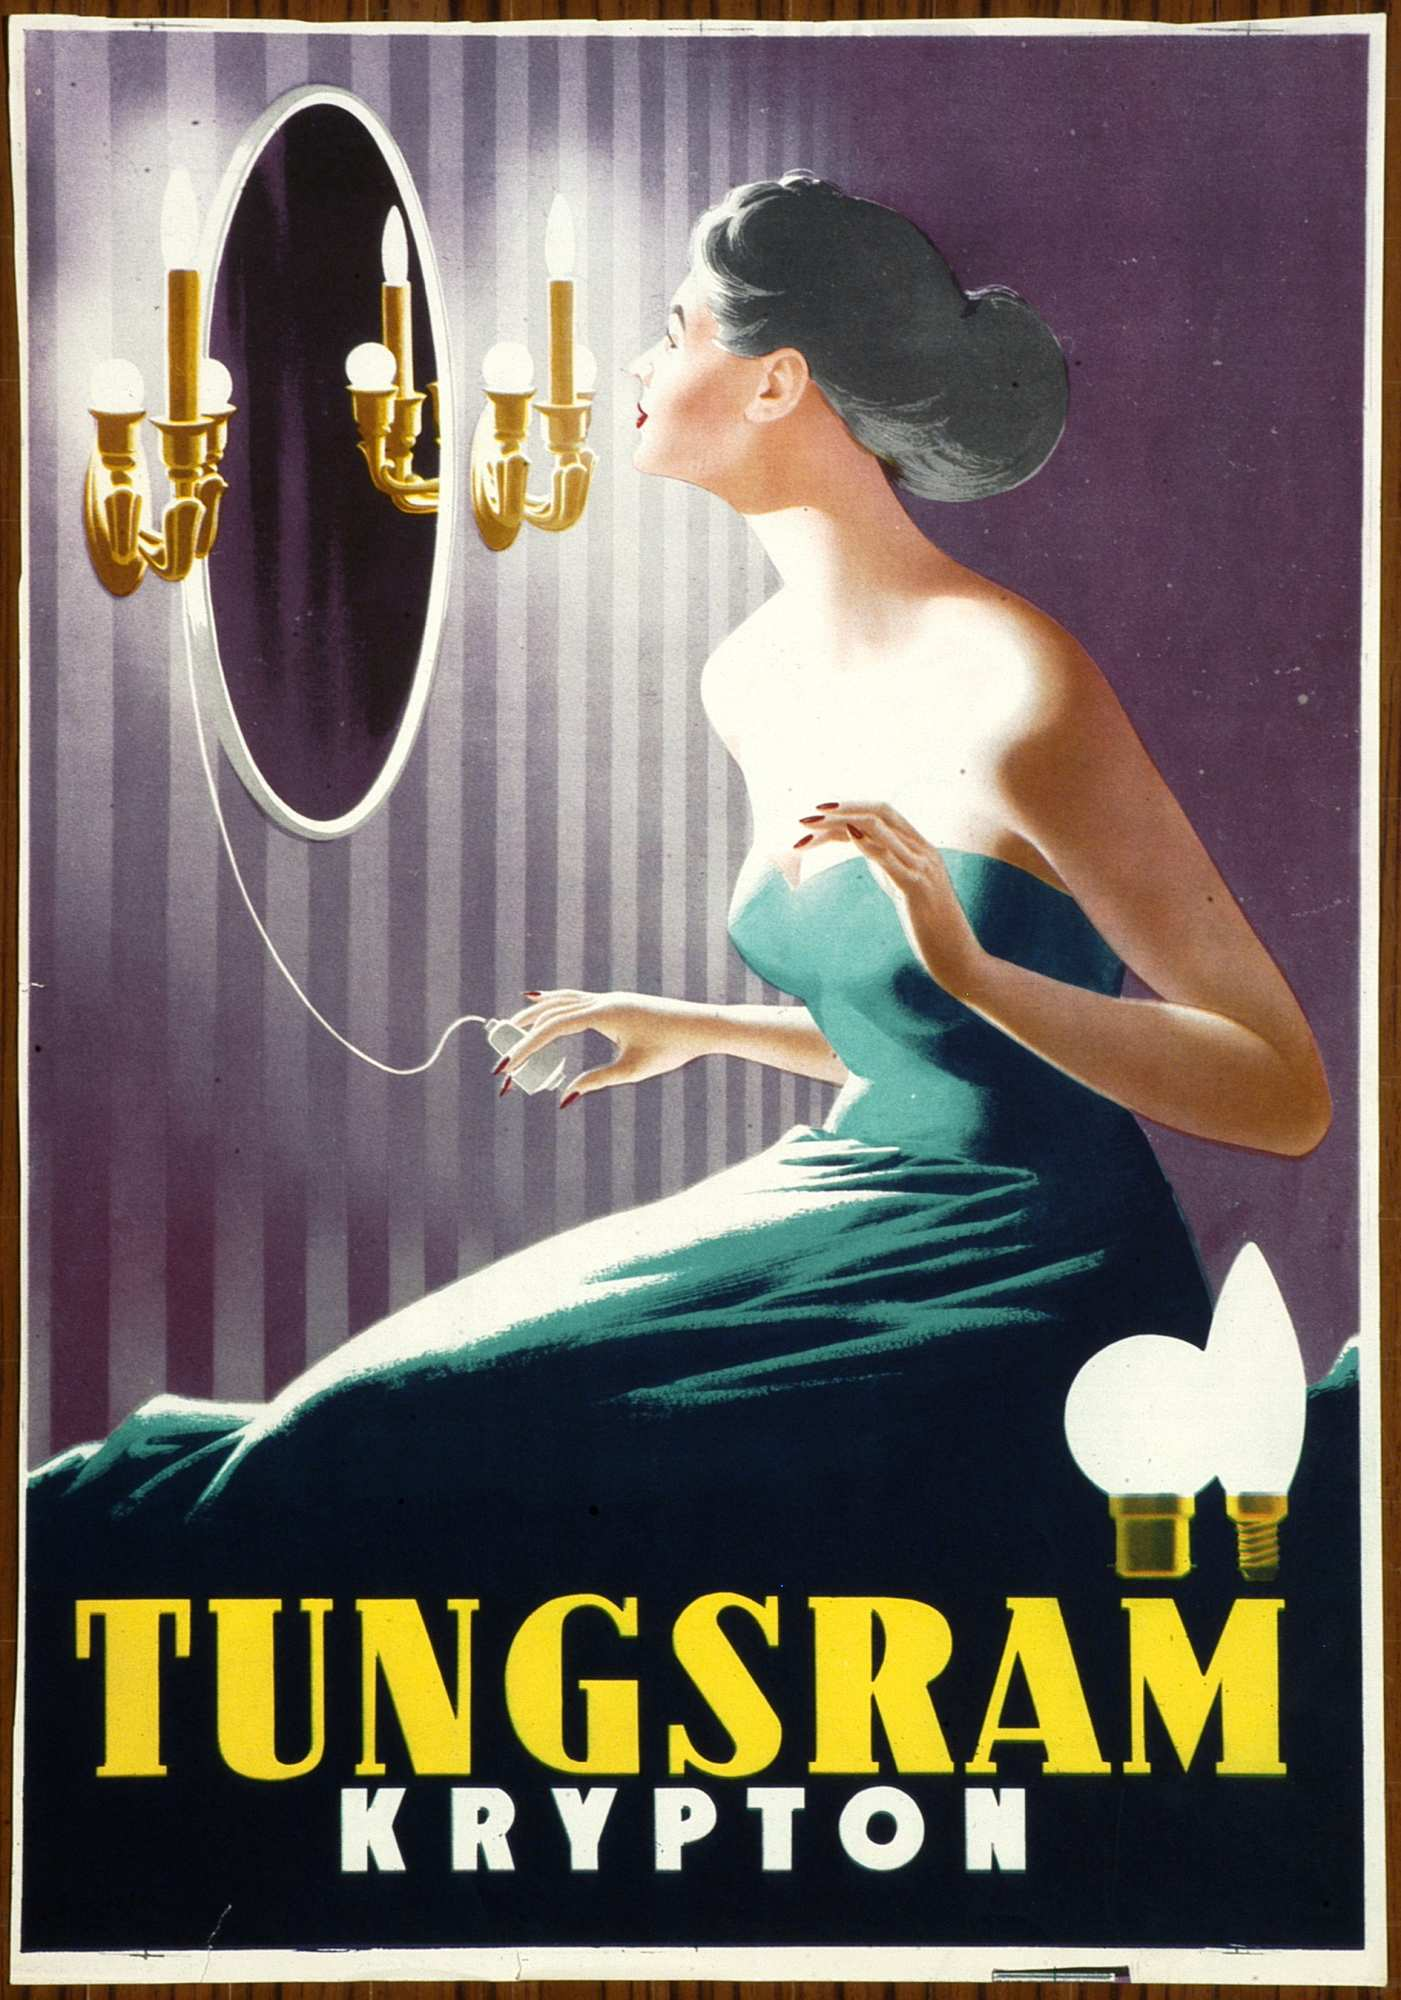 Tungsram krypton. Jelzet: PKG.1953/507 – Plakát- és Kisnyomtatványtár